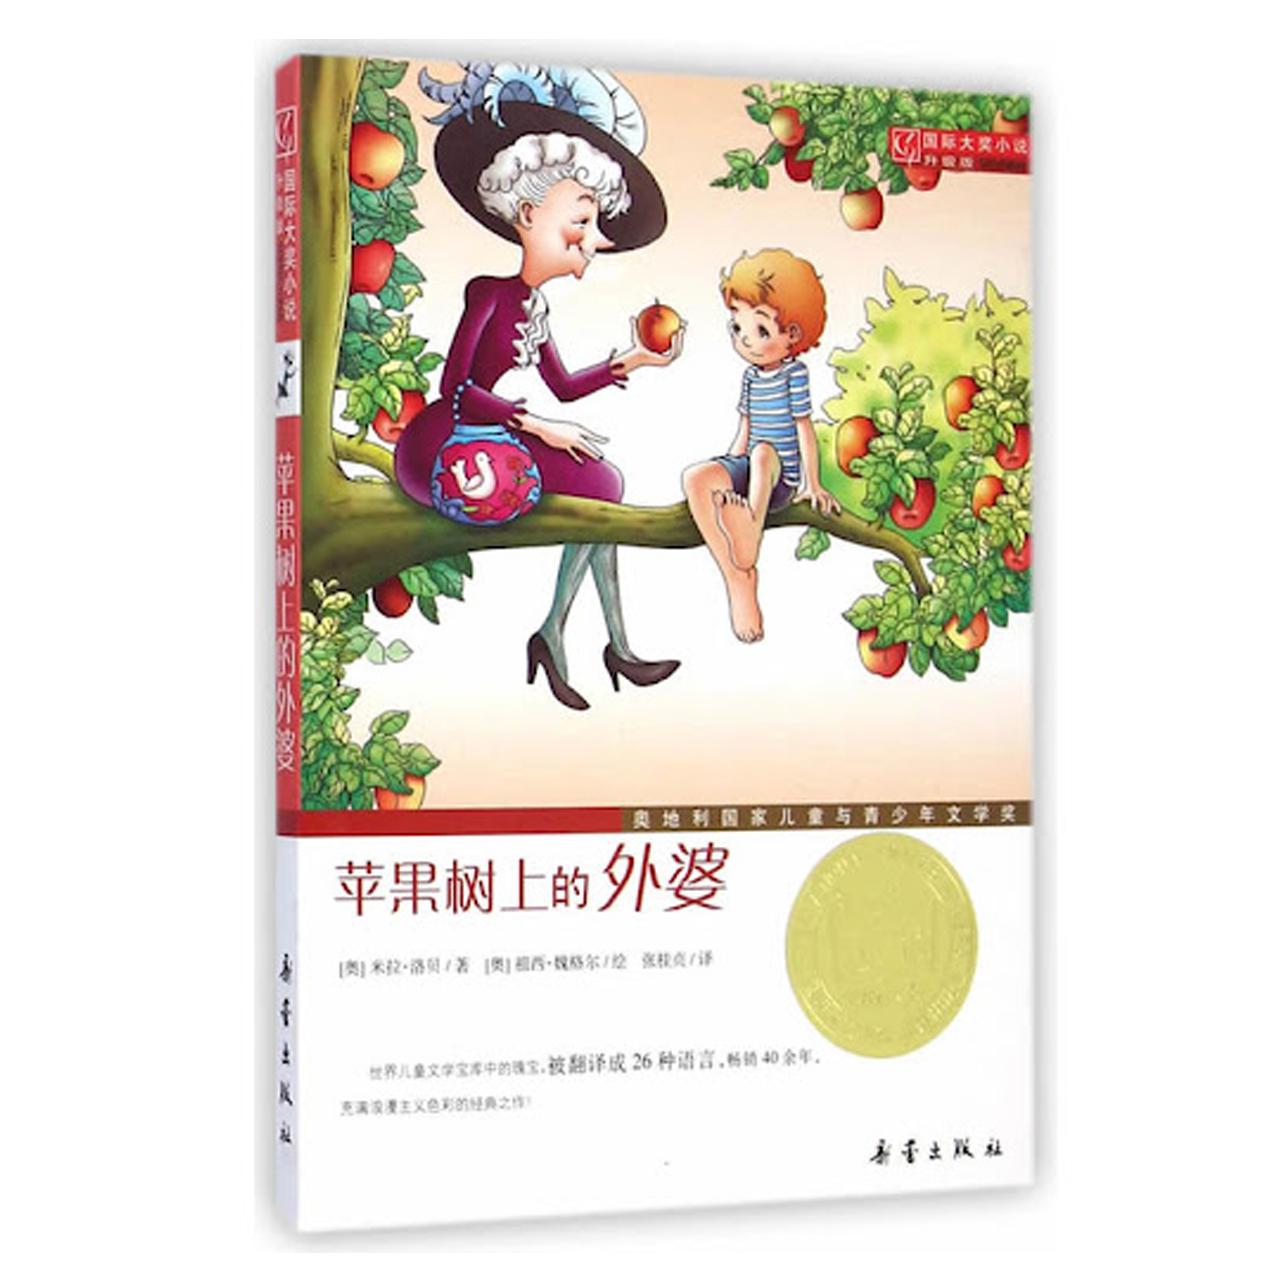 国际大奖小说:苹果树上的外婆 【儿童小说/青少年读物/翻译小说】